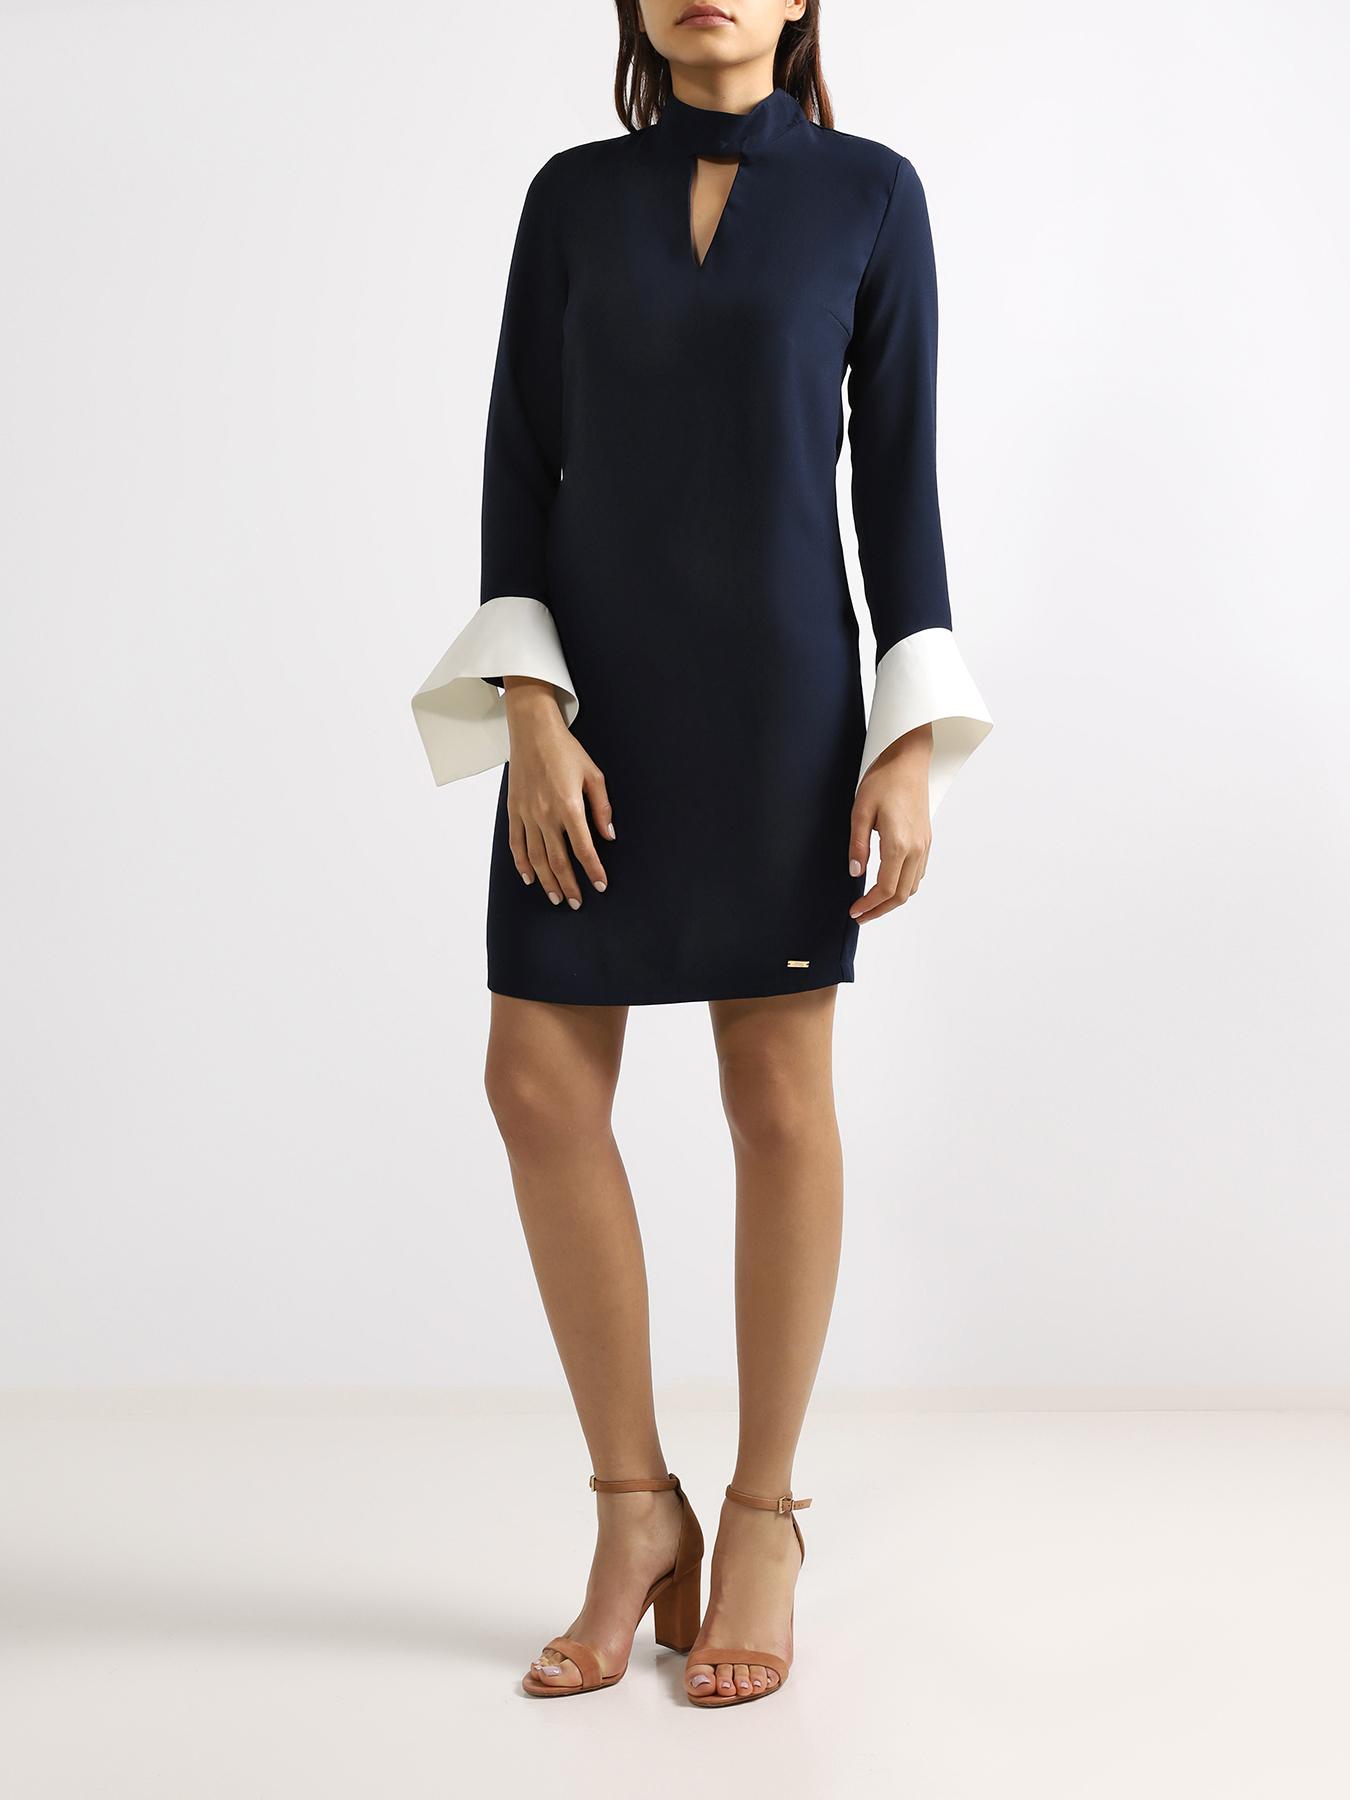 Платье Armani Exchange Женское платье женское платье onfine leo 2015 onfine 2015 cool